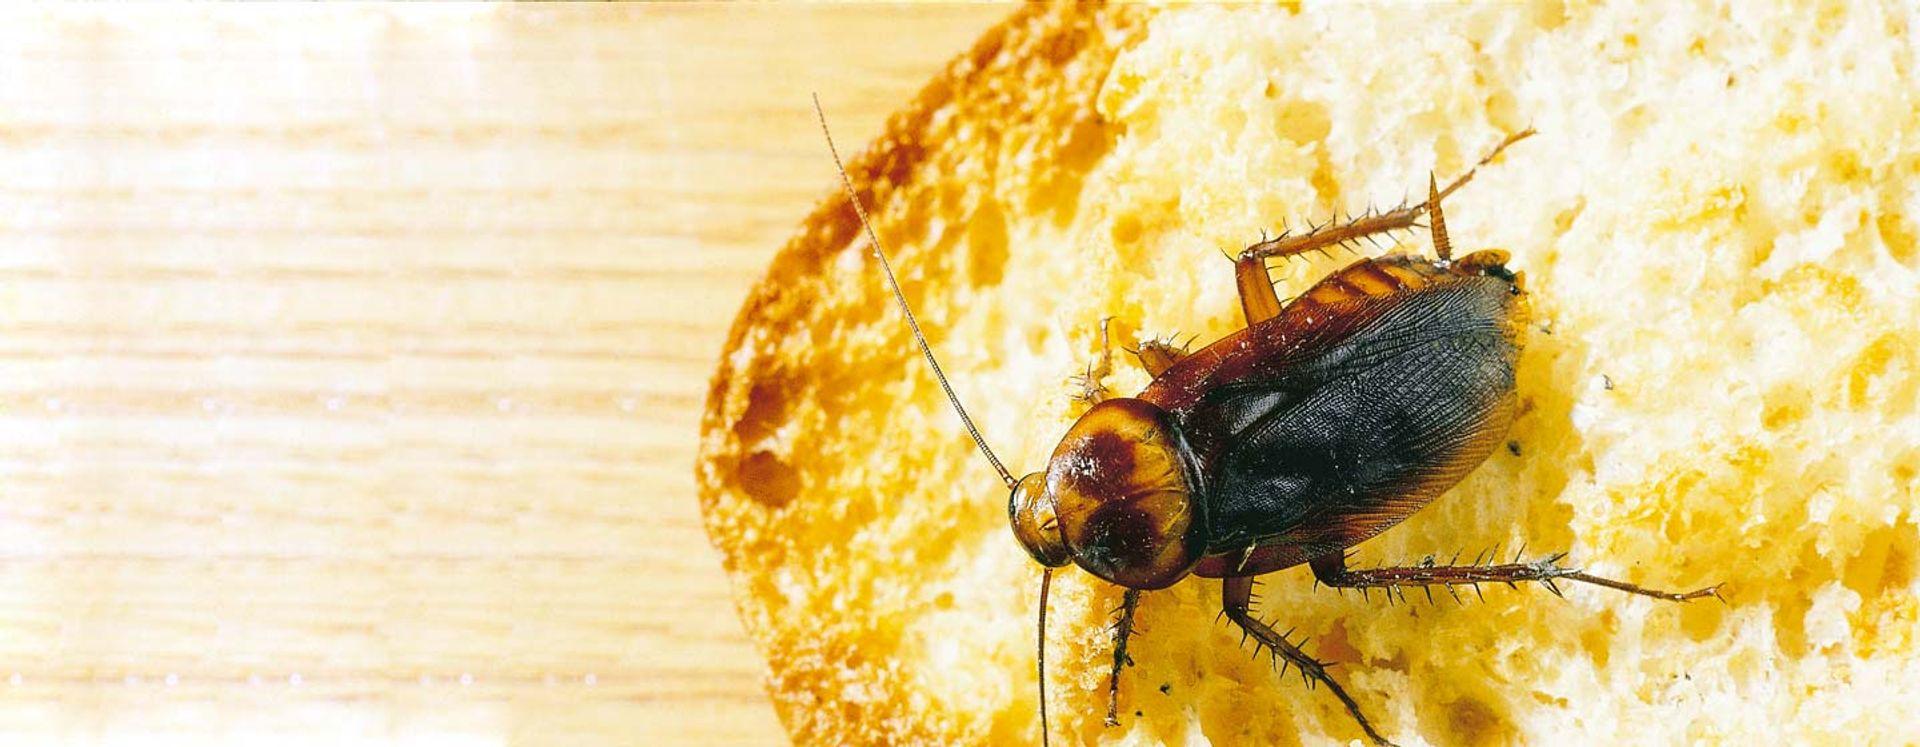 Detectar los indicios de una plaga de Cucarachas no es fácil